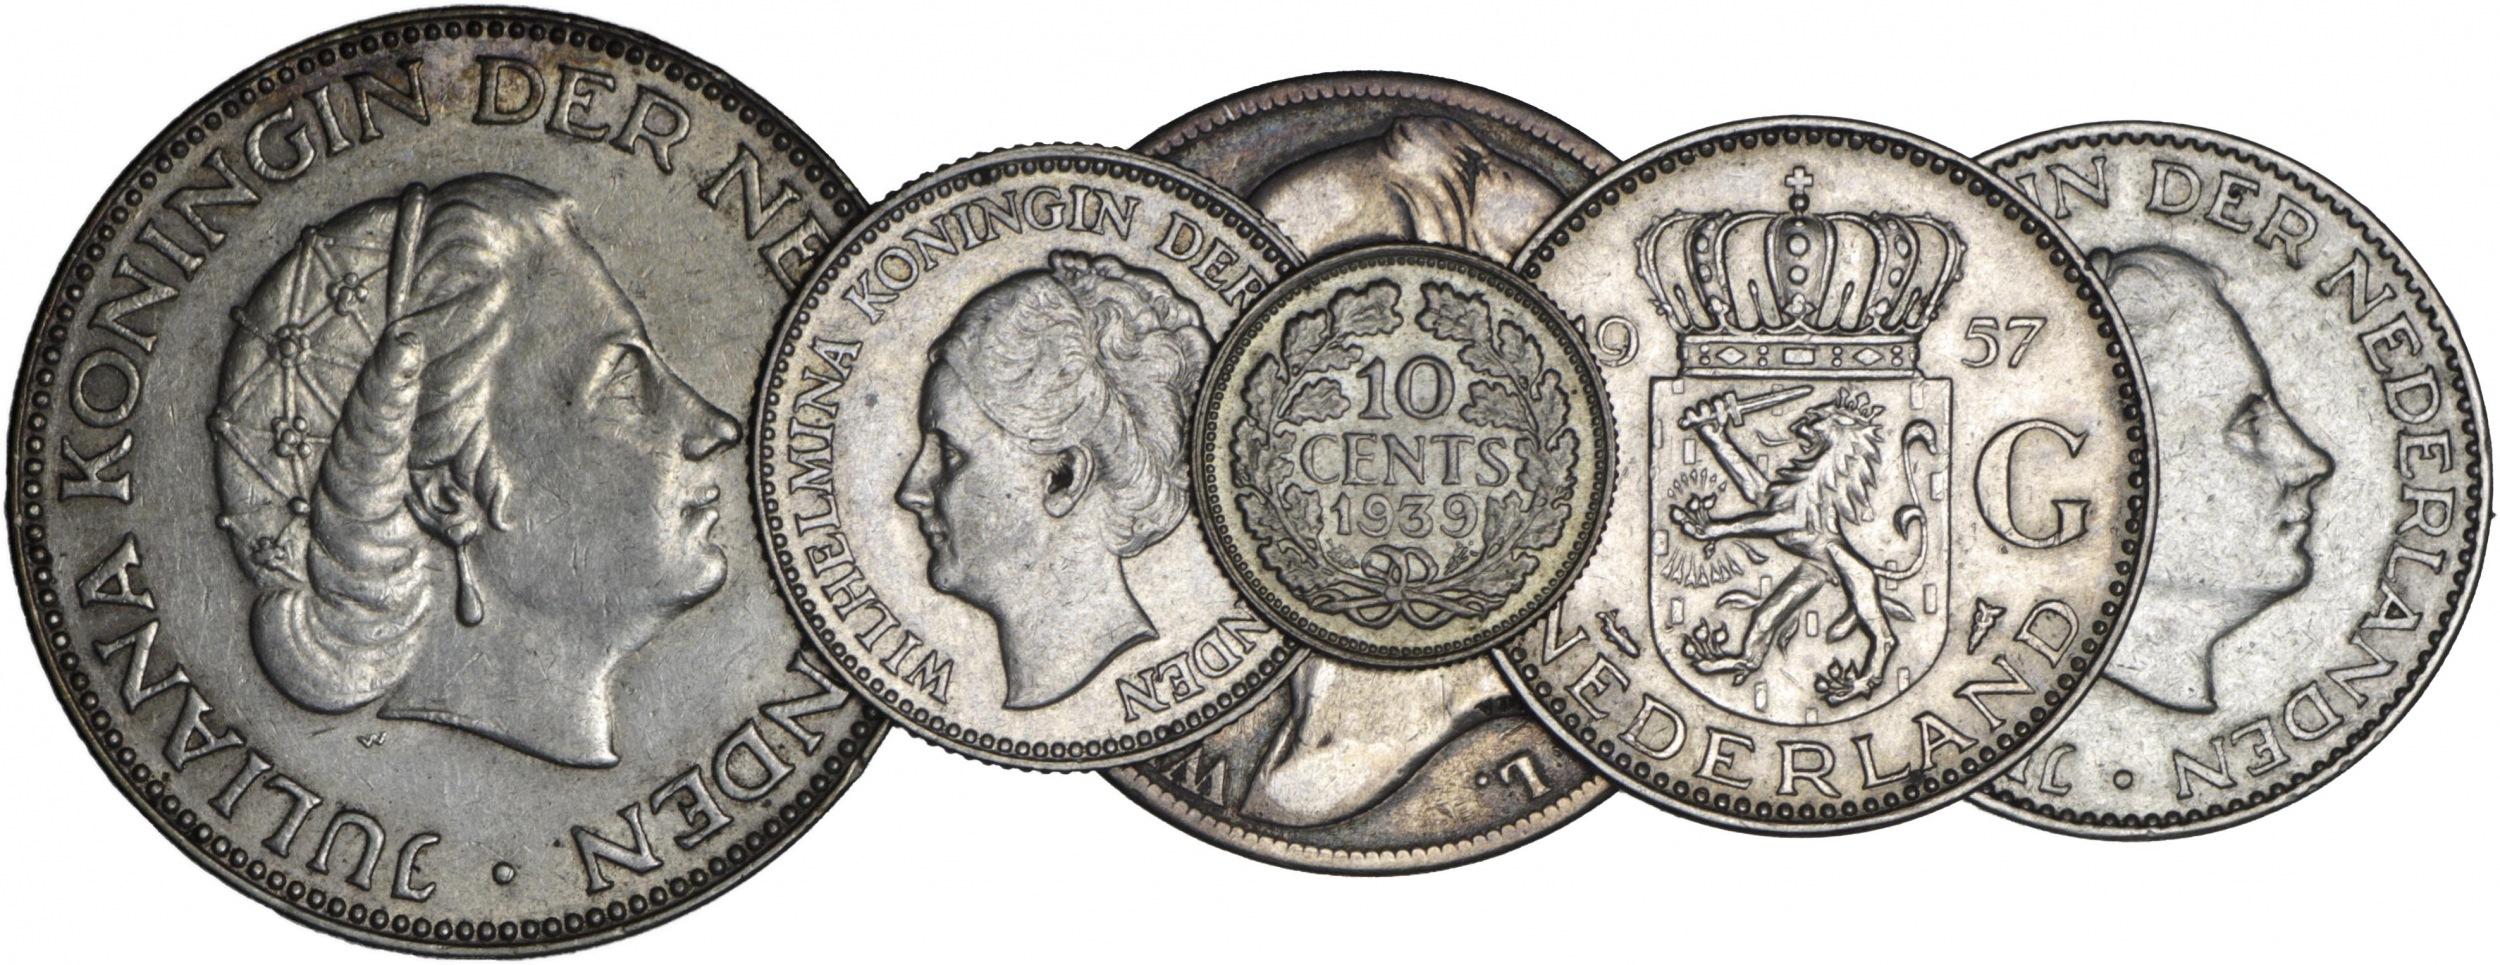 zestaw 6 monet: 1 gulden 1847 Ag 945, Wilhelm II (1840-1849); ½ guldena 1930 i 10 centów 1939, Ag 720 i 640, Wilhelmina (1890-1948); 2 ½ guldena 1959, 1 gulden 1955 i 1957, Ag 720, Juliana (1948-1980)